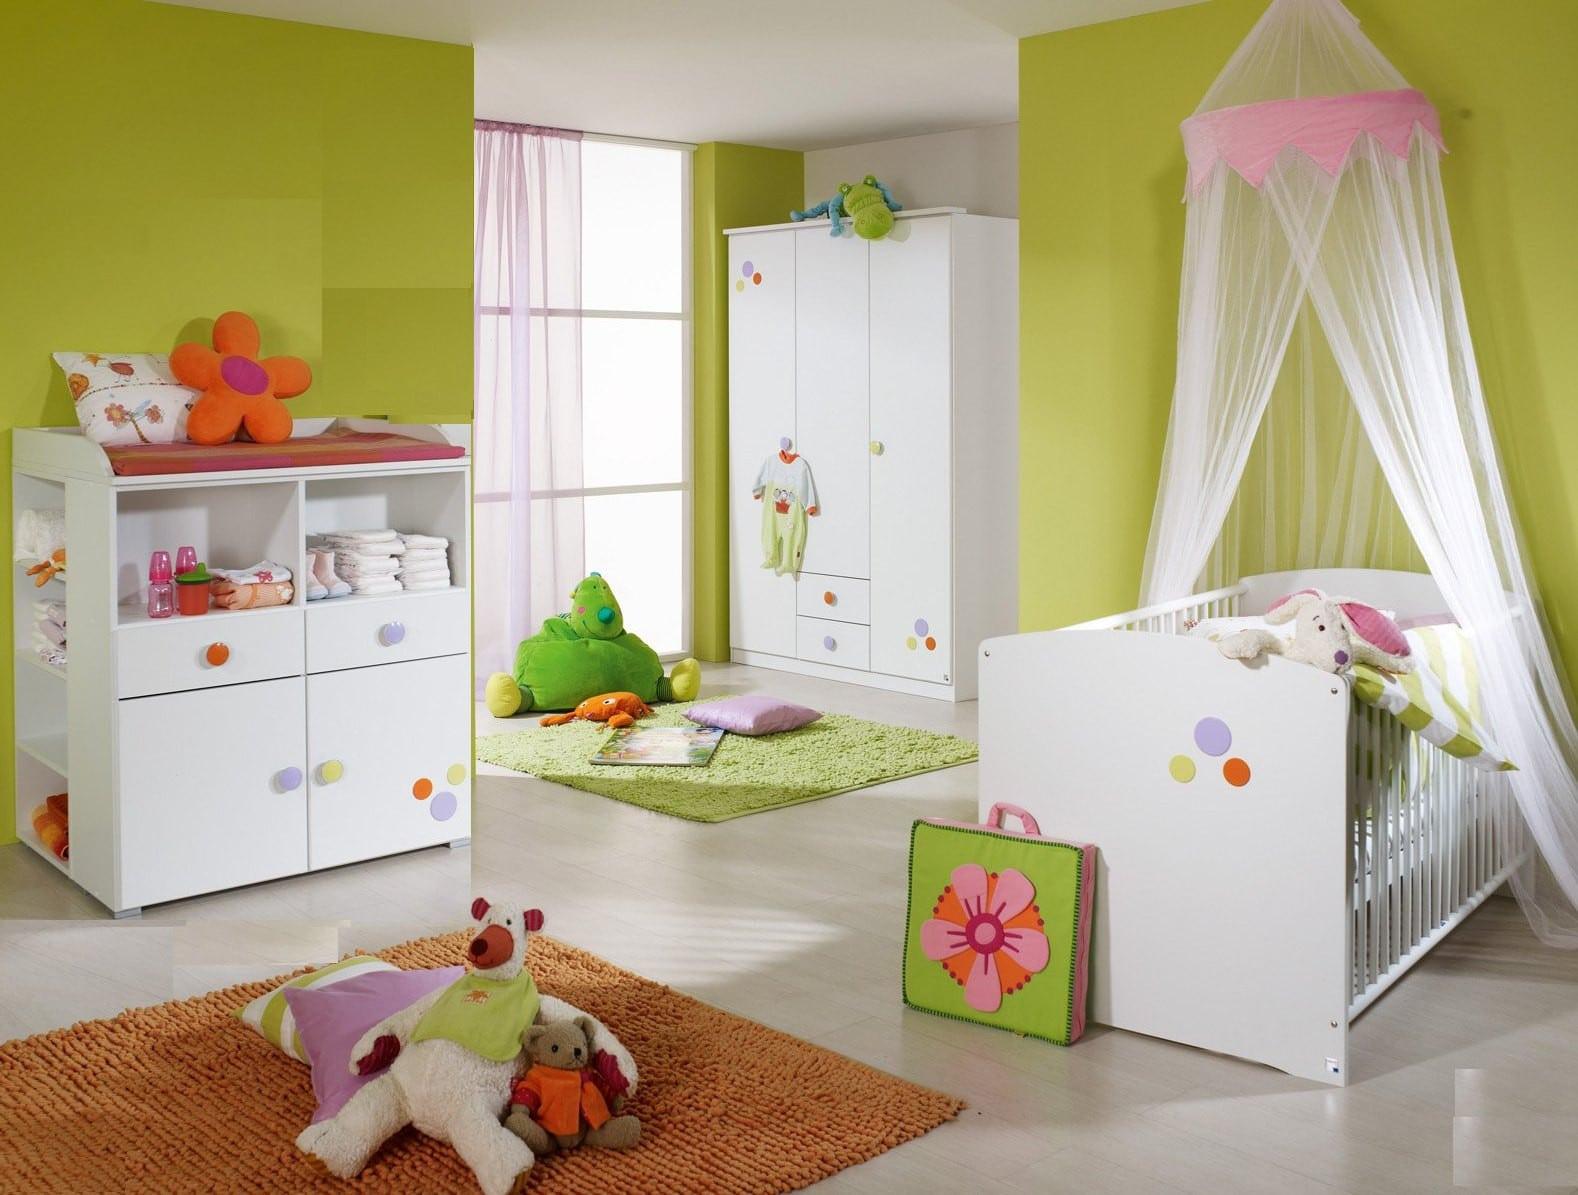 Idée de couleur pour chambre bébé fille - Idées de tricot ...